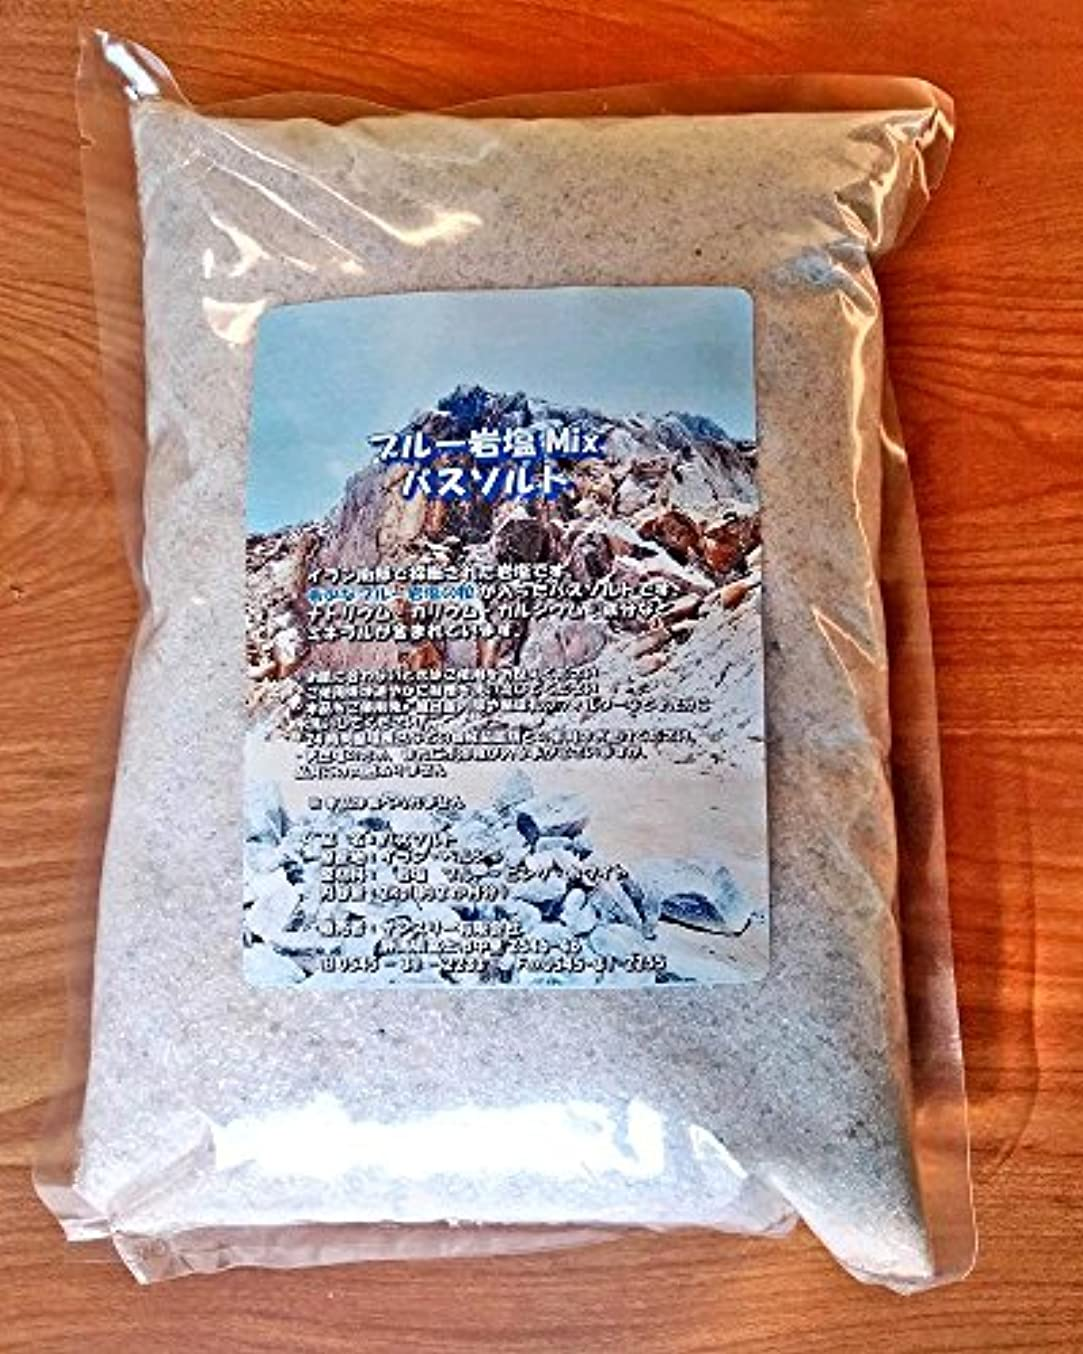 によると生命体味付けブルー岩塩Mixバスソルト2kg